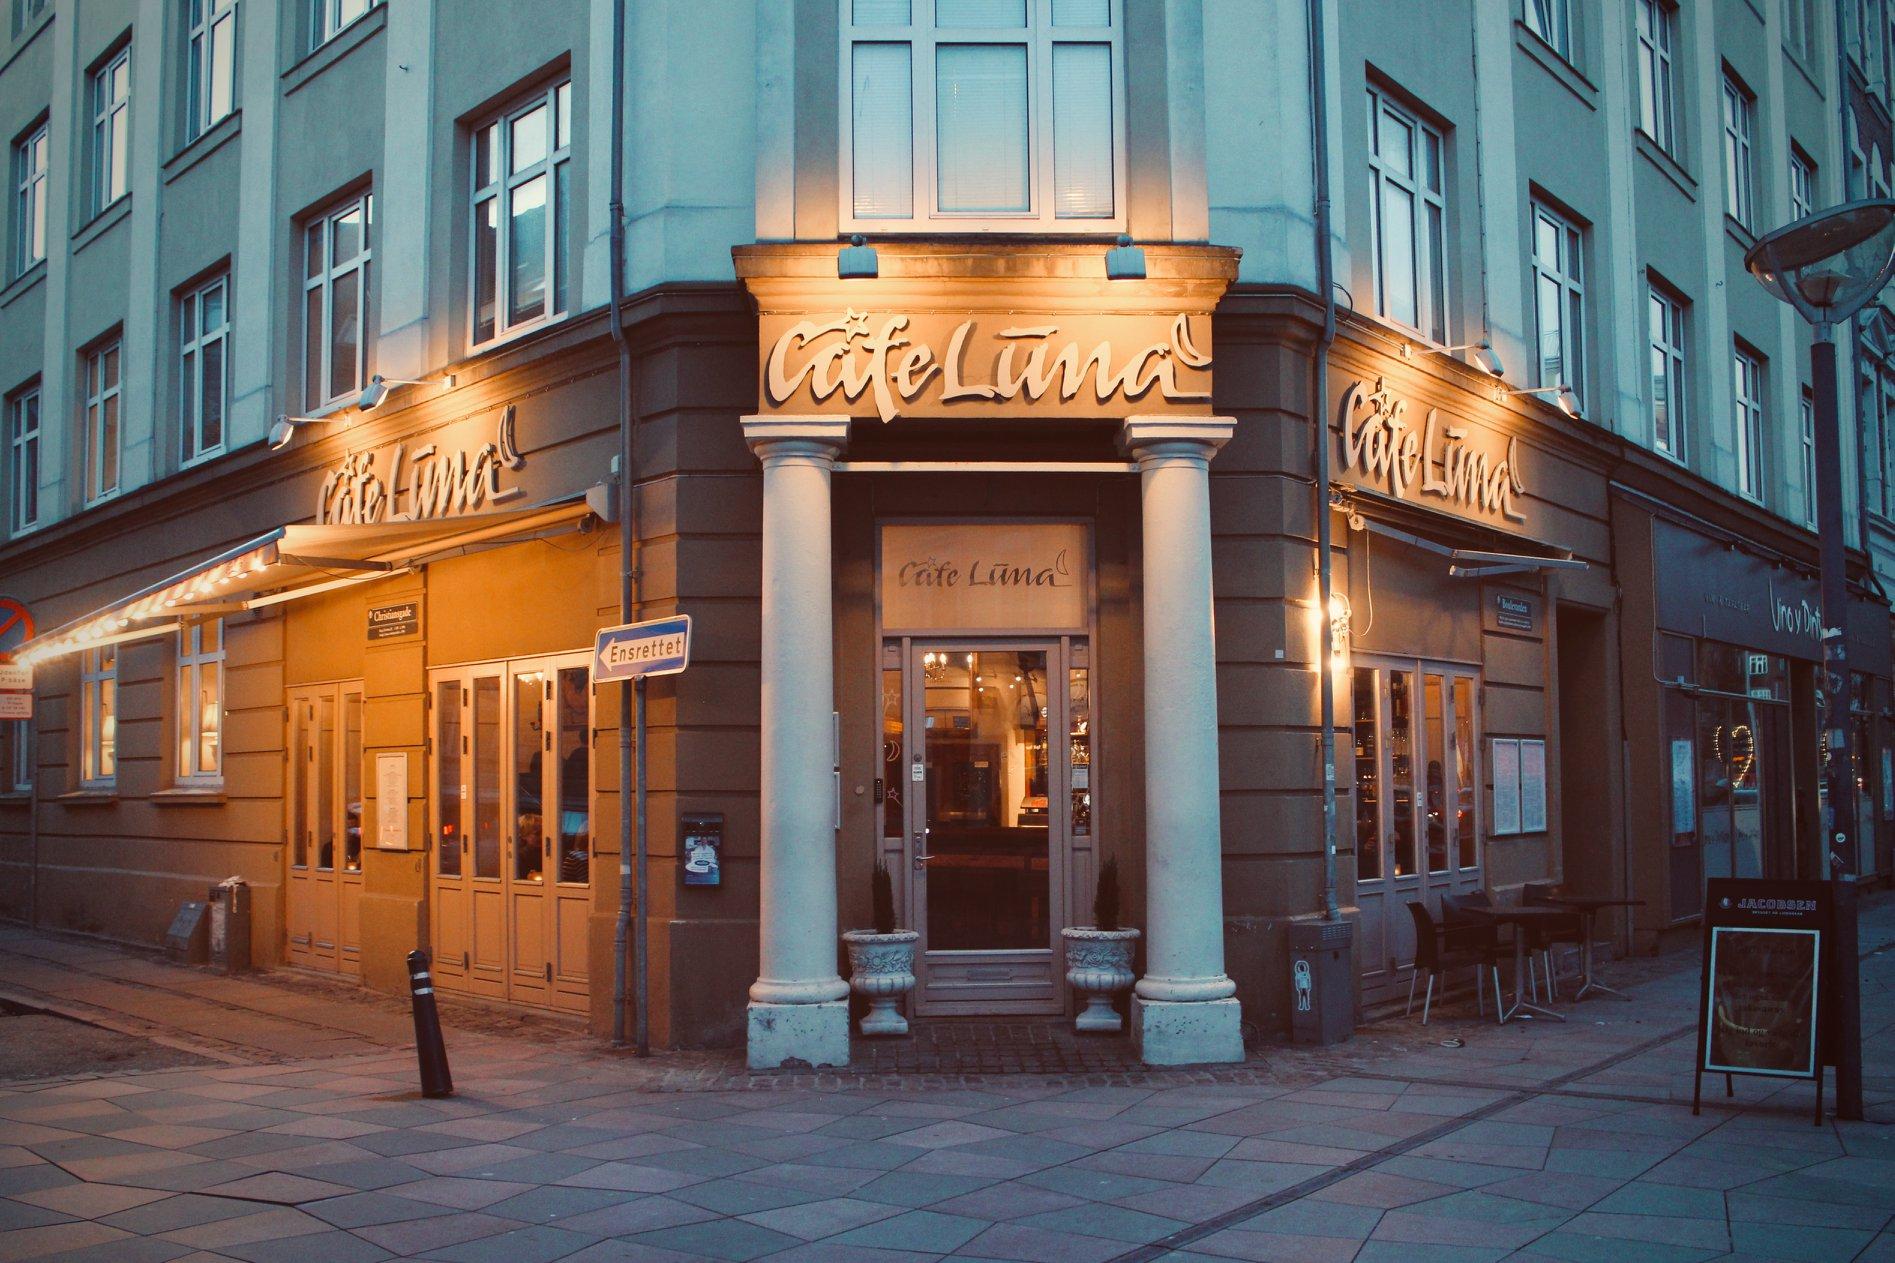 Efter et hårdt år: Kendt Aalborg-café går konkurs